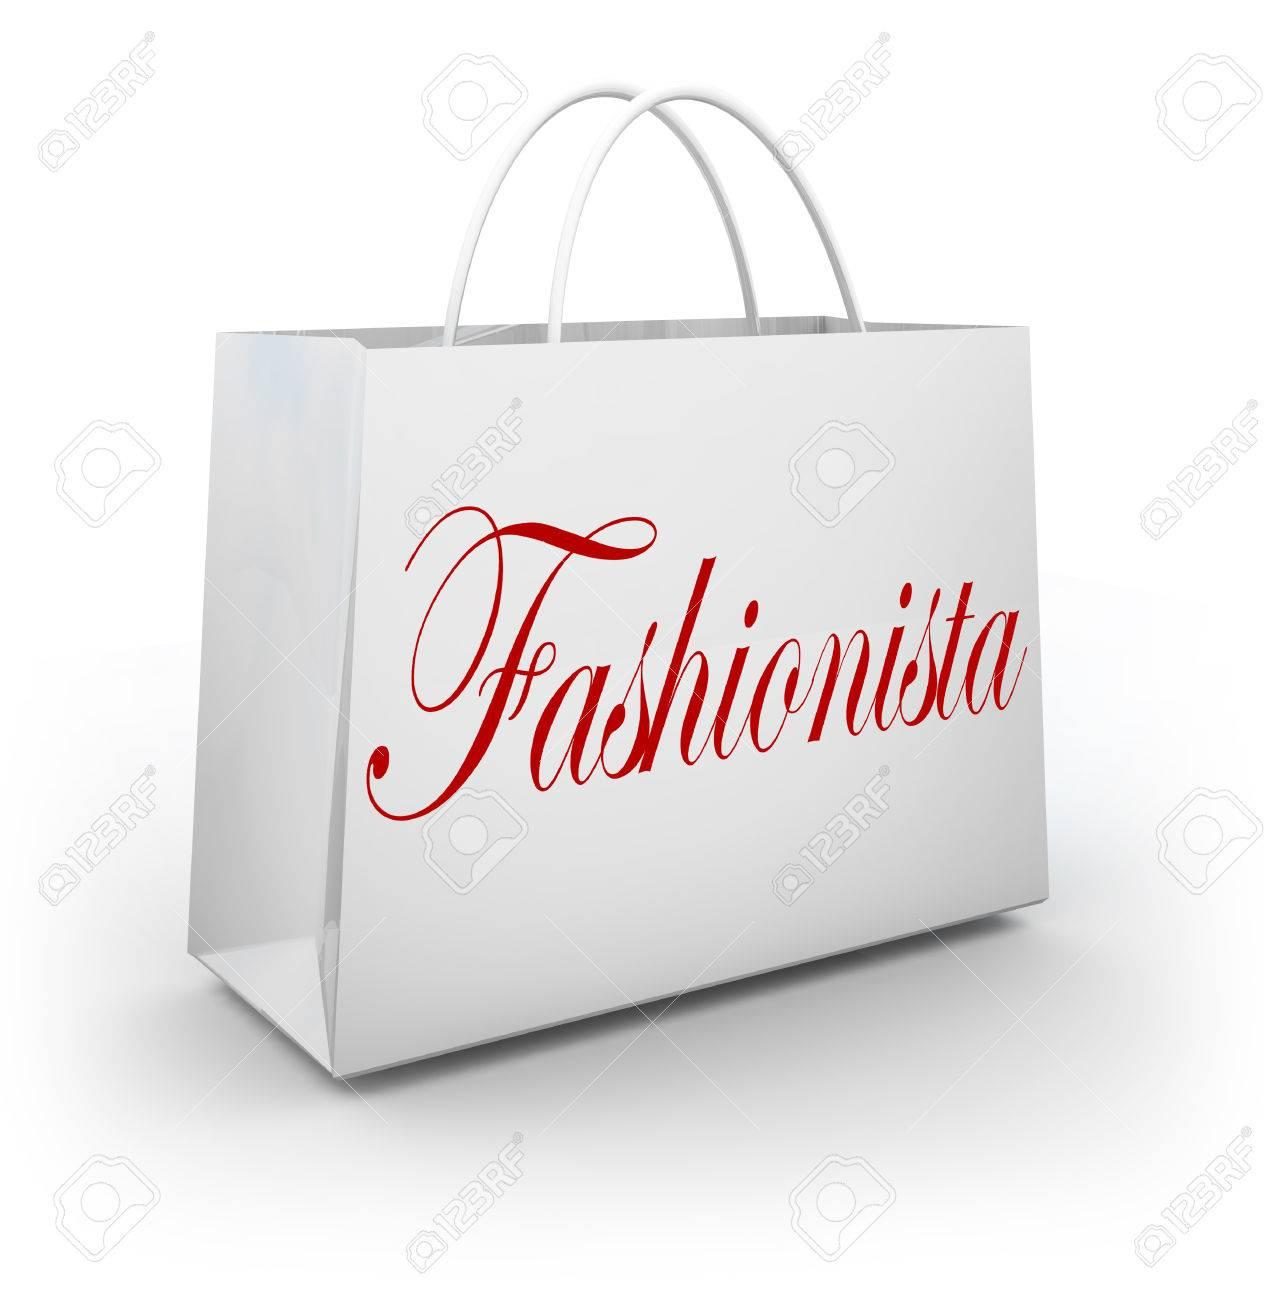 The fashionista word fotos